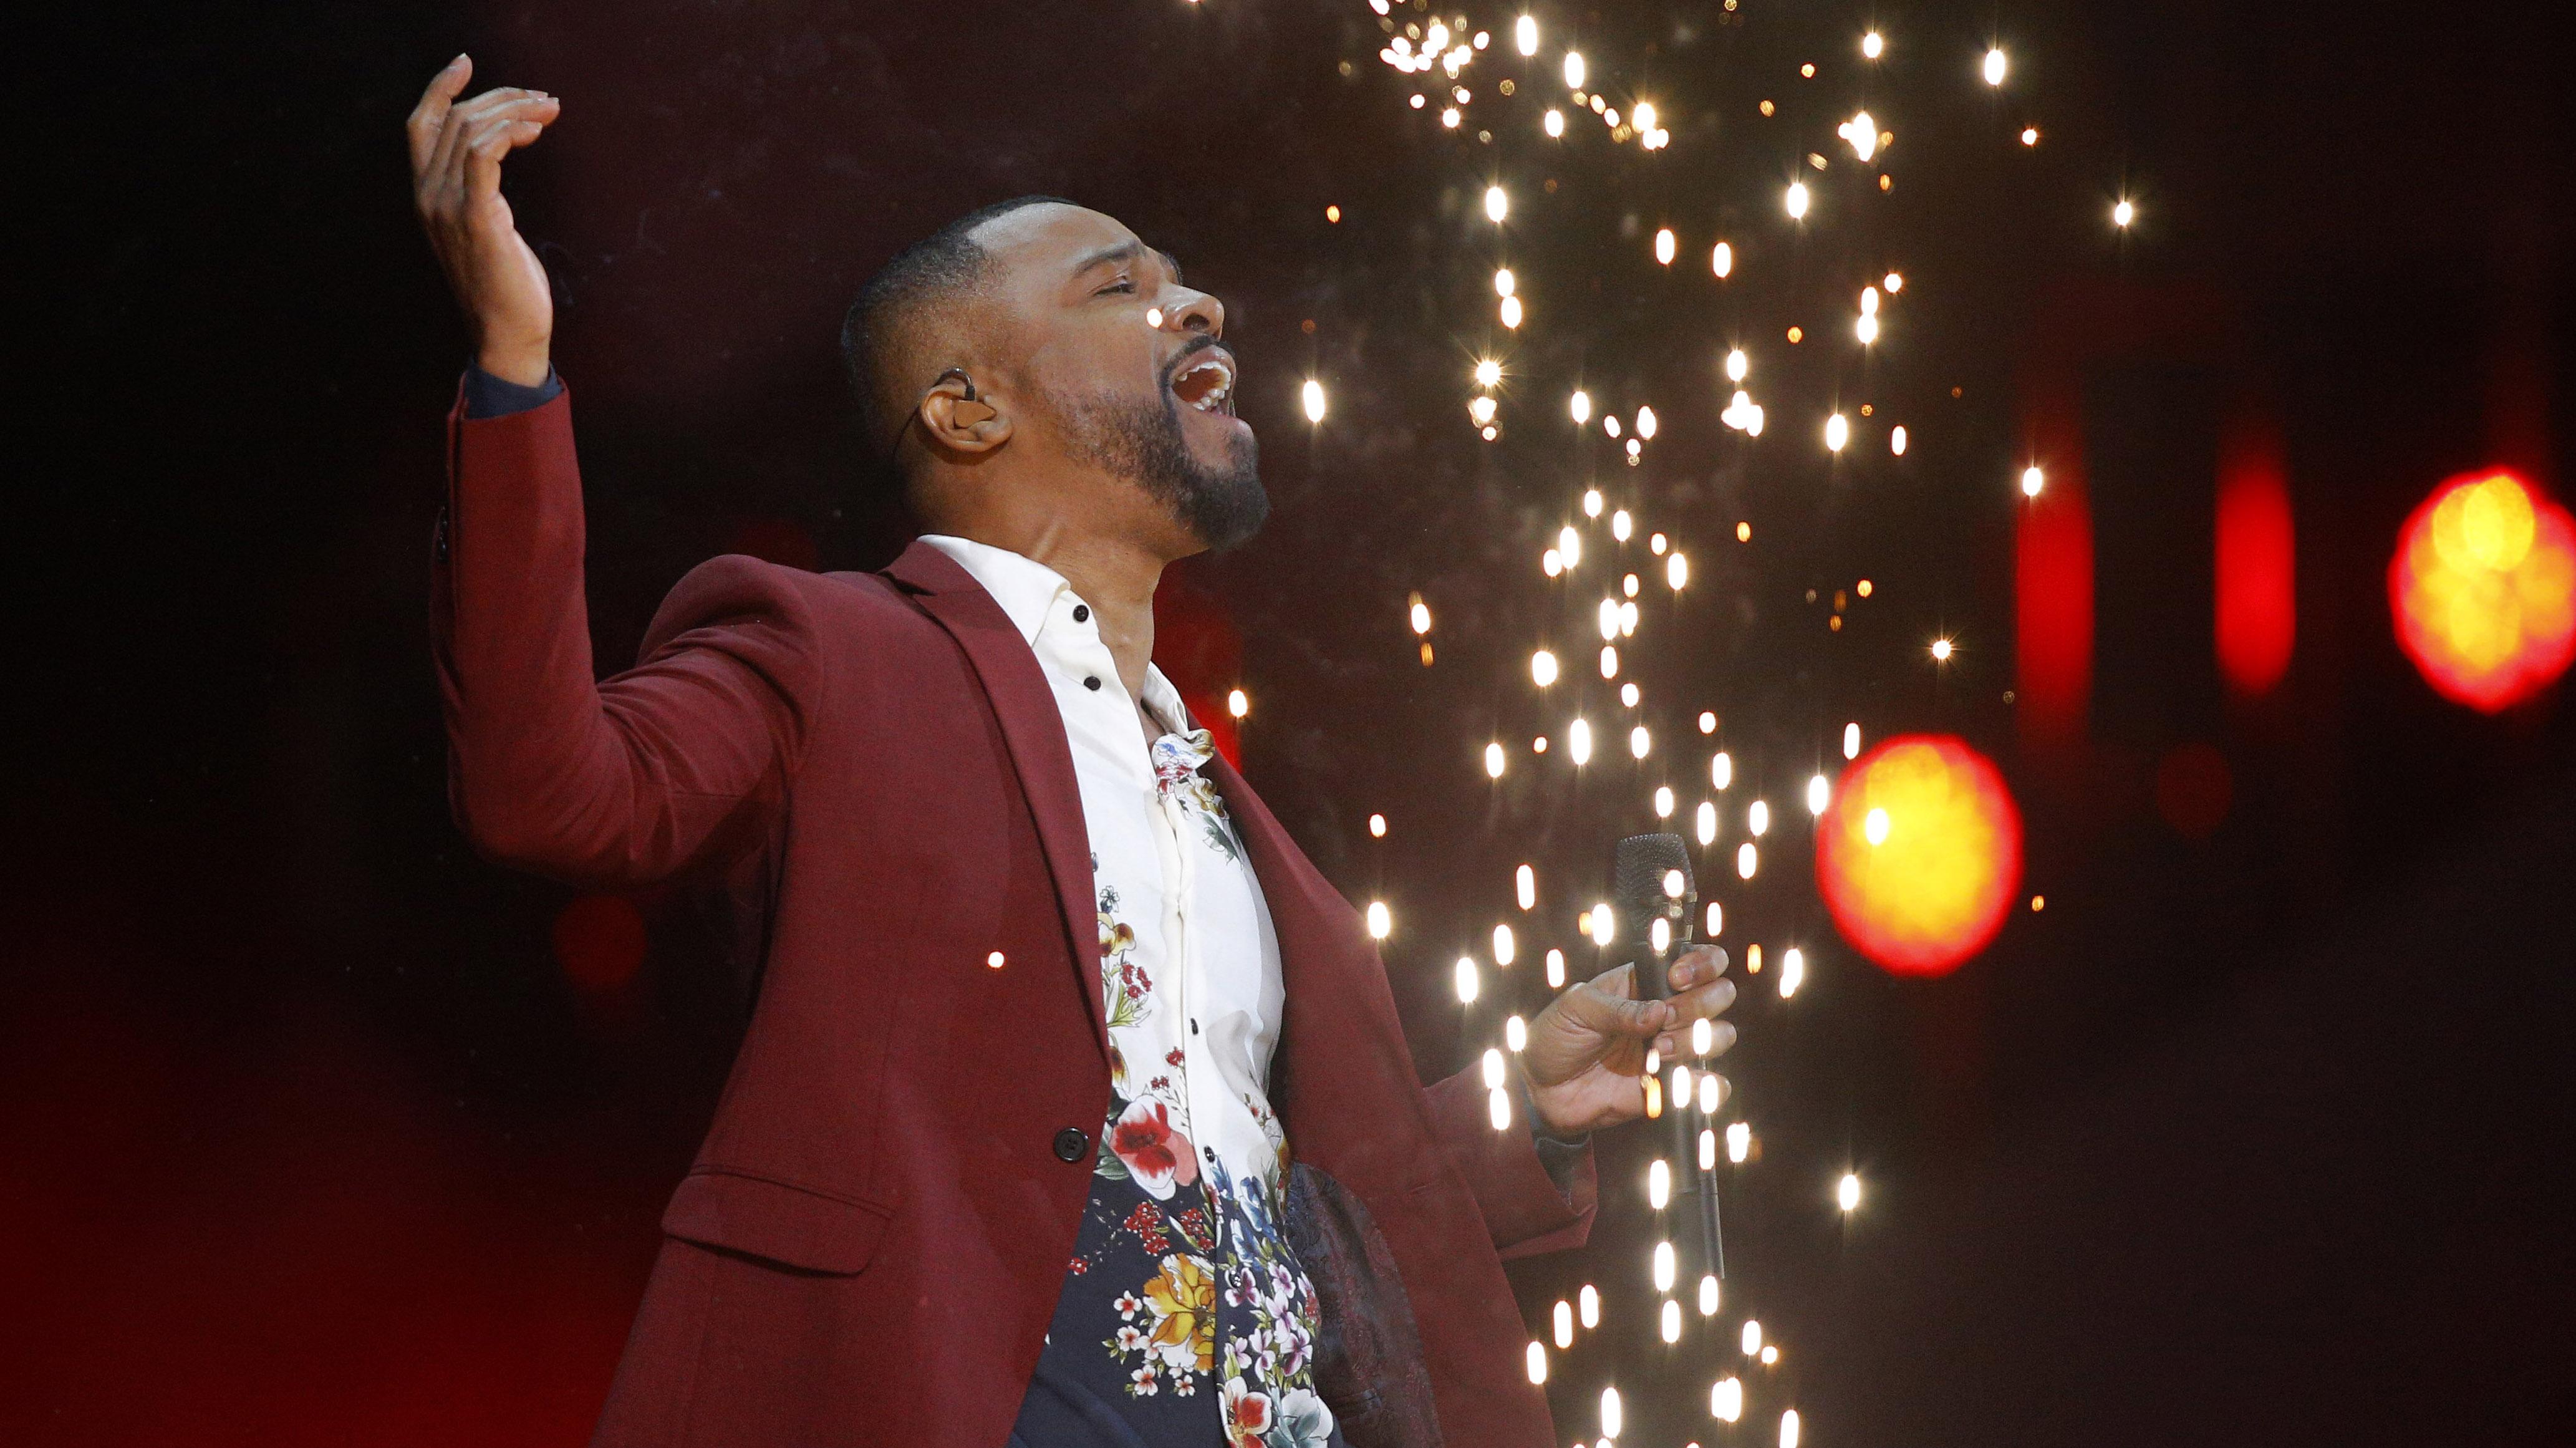 Alexandre Pires entregó un romántico show ante una Quinta Vergara modificada para aumentar al público en palco